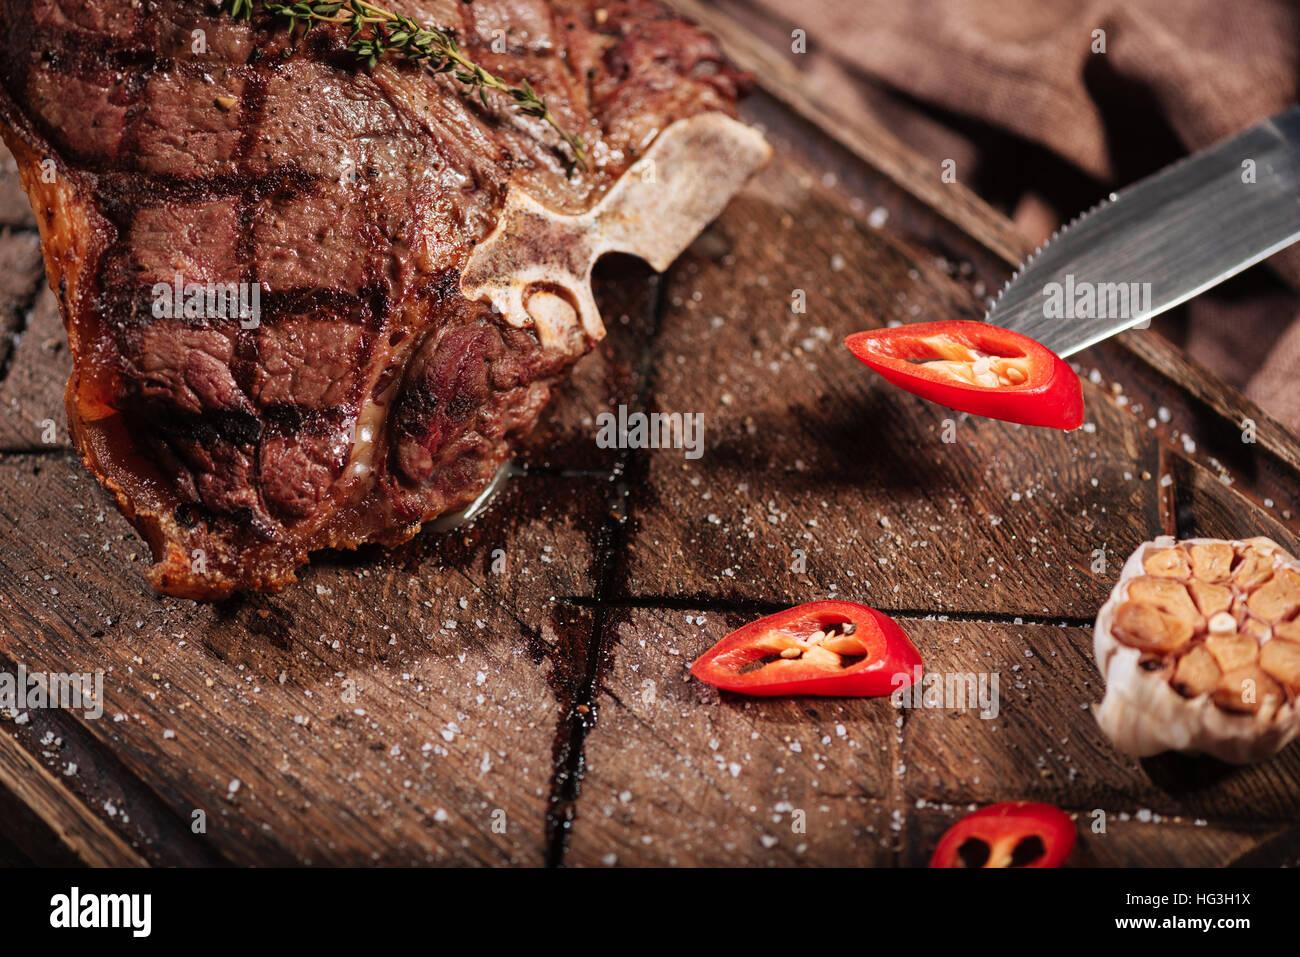 Draufsicht auf ein Steak mit Gemüse gekocht wird Stockbild